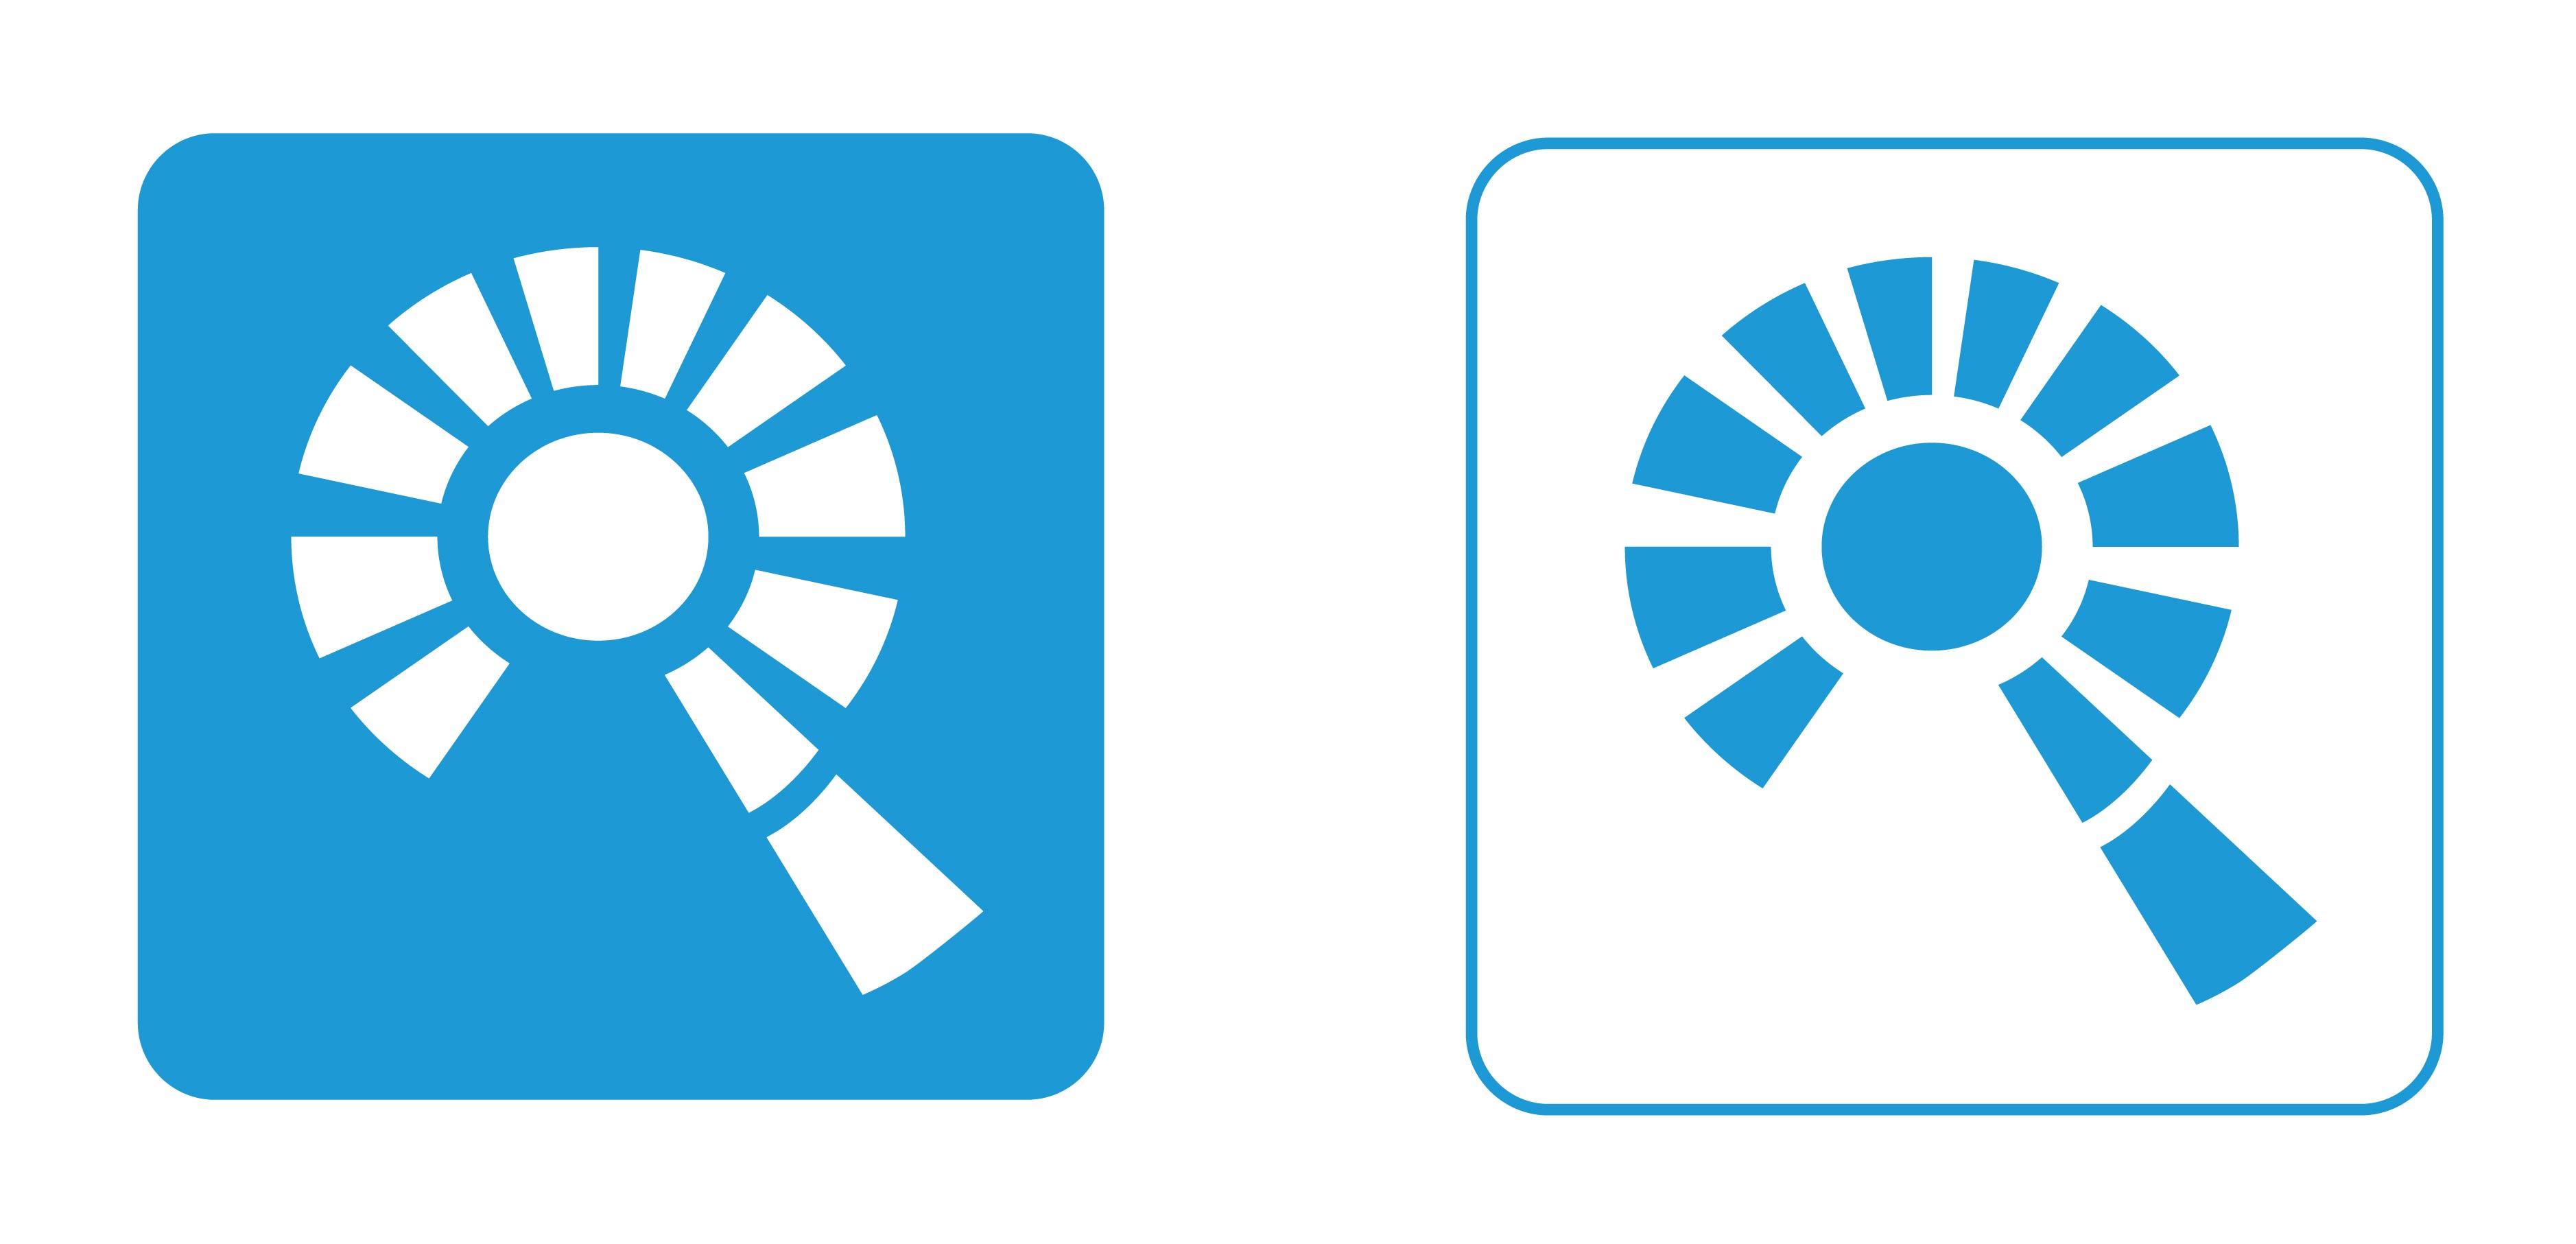 Логотип / иконка сервиса управления проектами / задачами фото f_1725975d6e2e3b1e.jpg